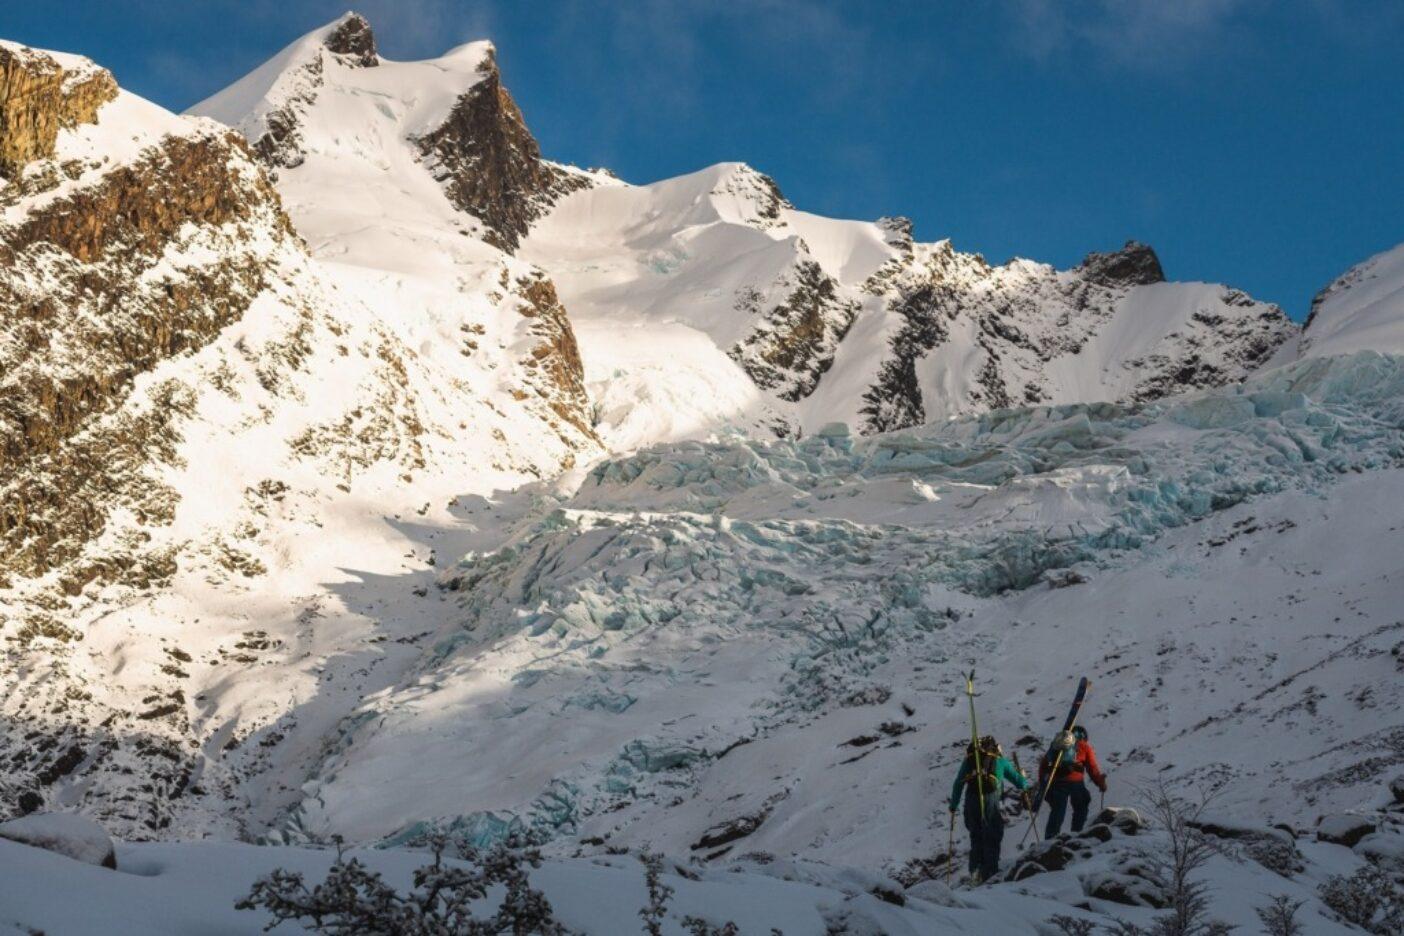 """モレーン地形だ。さあ、みんな続け!地元ガイドのトミー・ロイ・アギロとフアン""""ピパ""""ラセーリは、セロヴェスピニャーニへのアプローチの途上、氷河が削り出した天国への階段を急ぐ。アルゼンチン、サンタクルス州 写真:マシュー・タフツ"""